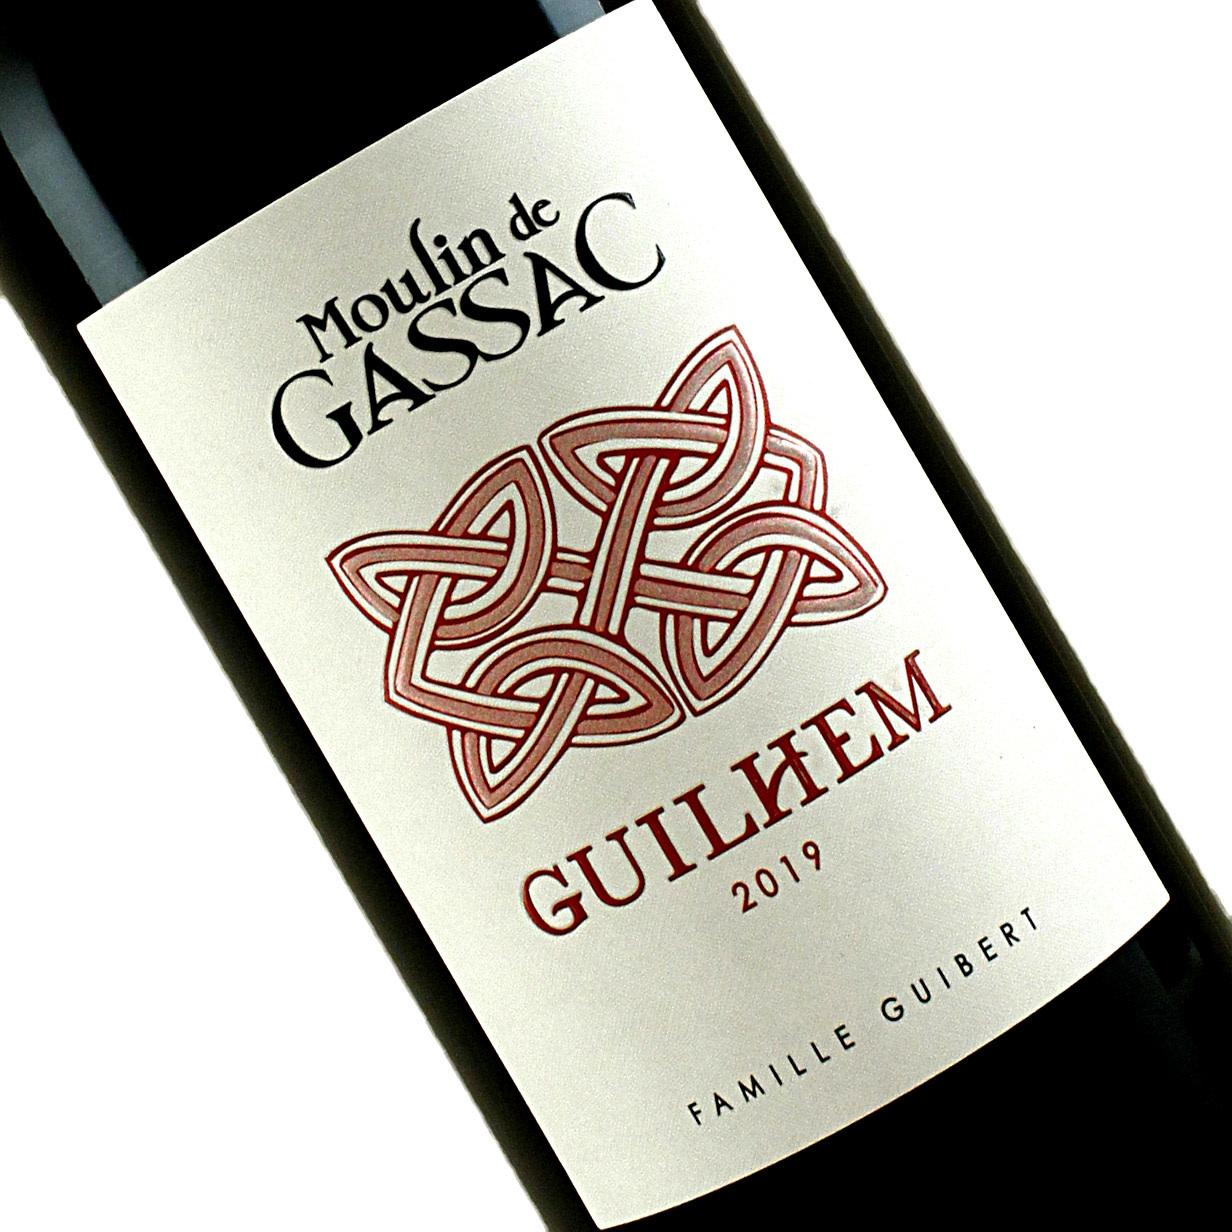 Moulin de Gassac 2019 Vin de Pays d'Herault Guilhem Rouge, Languedoc